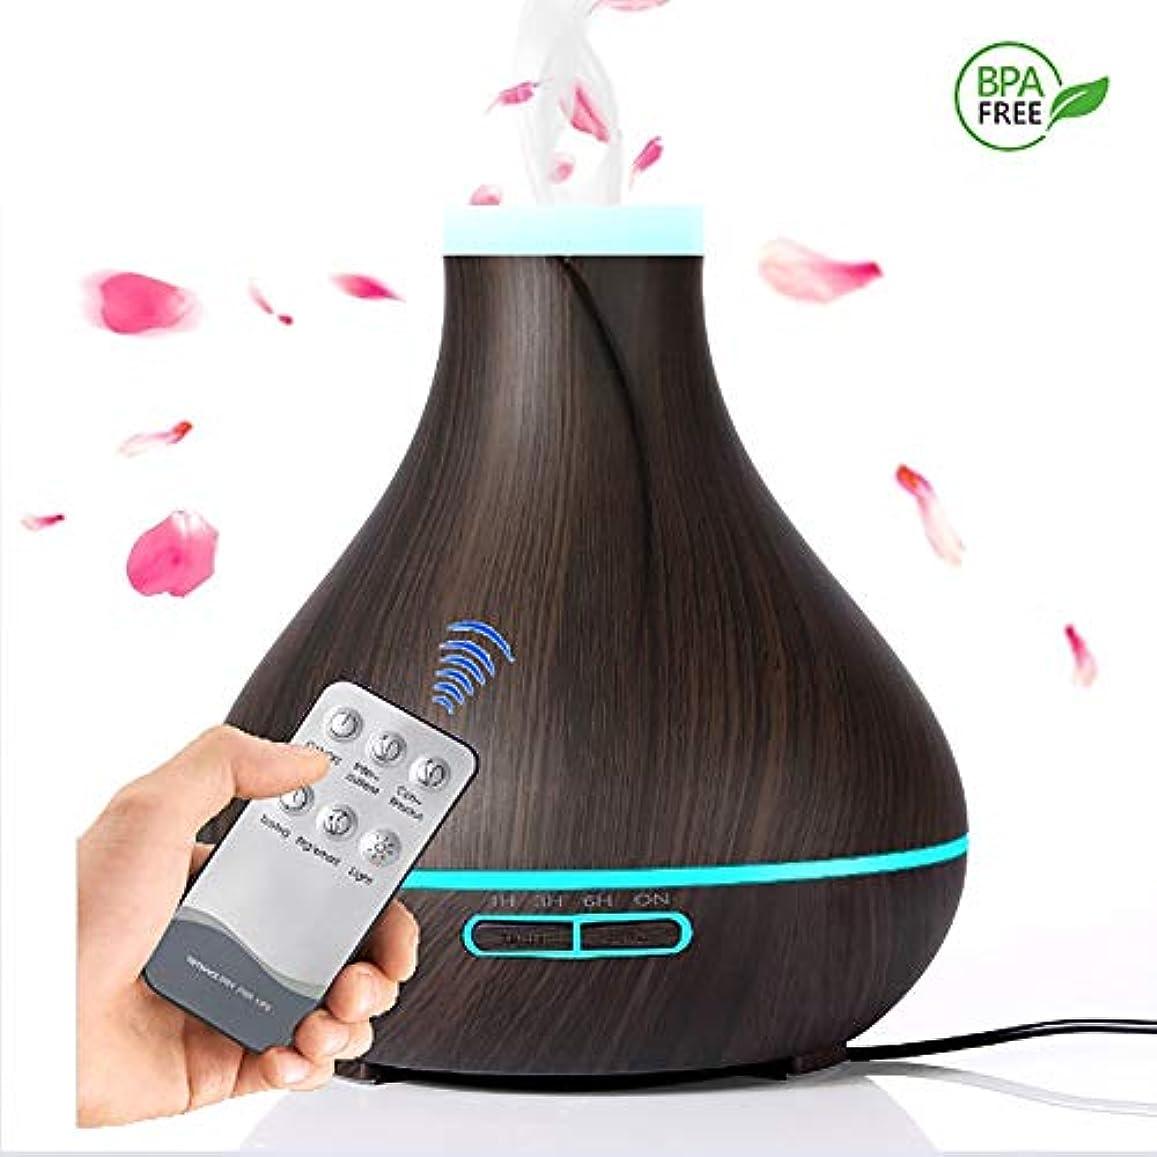 誘惑する垂直送信する400ml エッセンシャルオイルディフューザー、アロマディフューザーアロマセラピー加湿器超音波空気清浄機クールミストフレグランス7色ランプ自動シャットオフ,Black